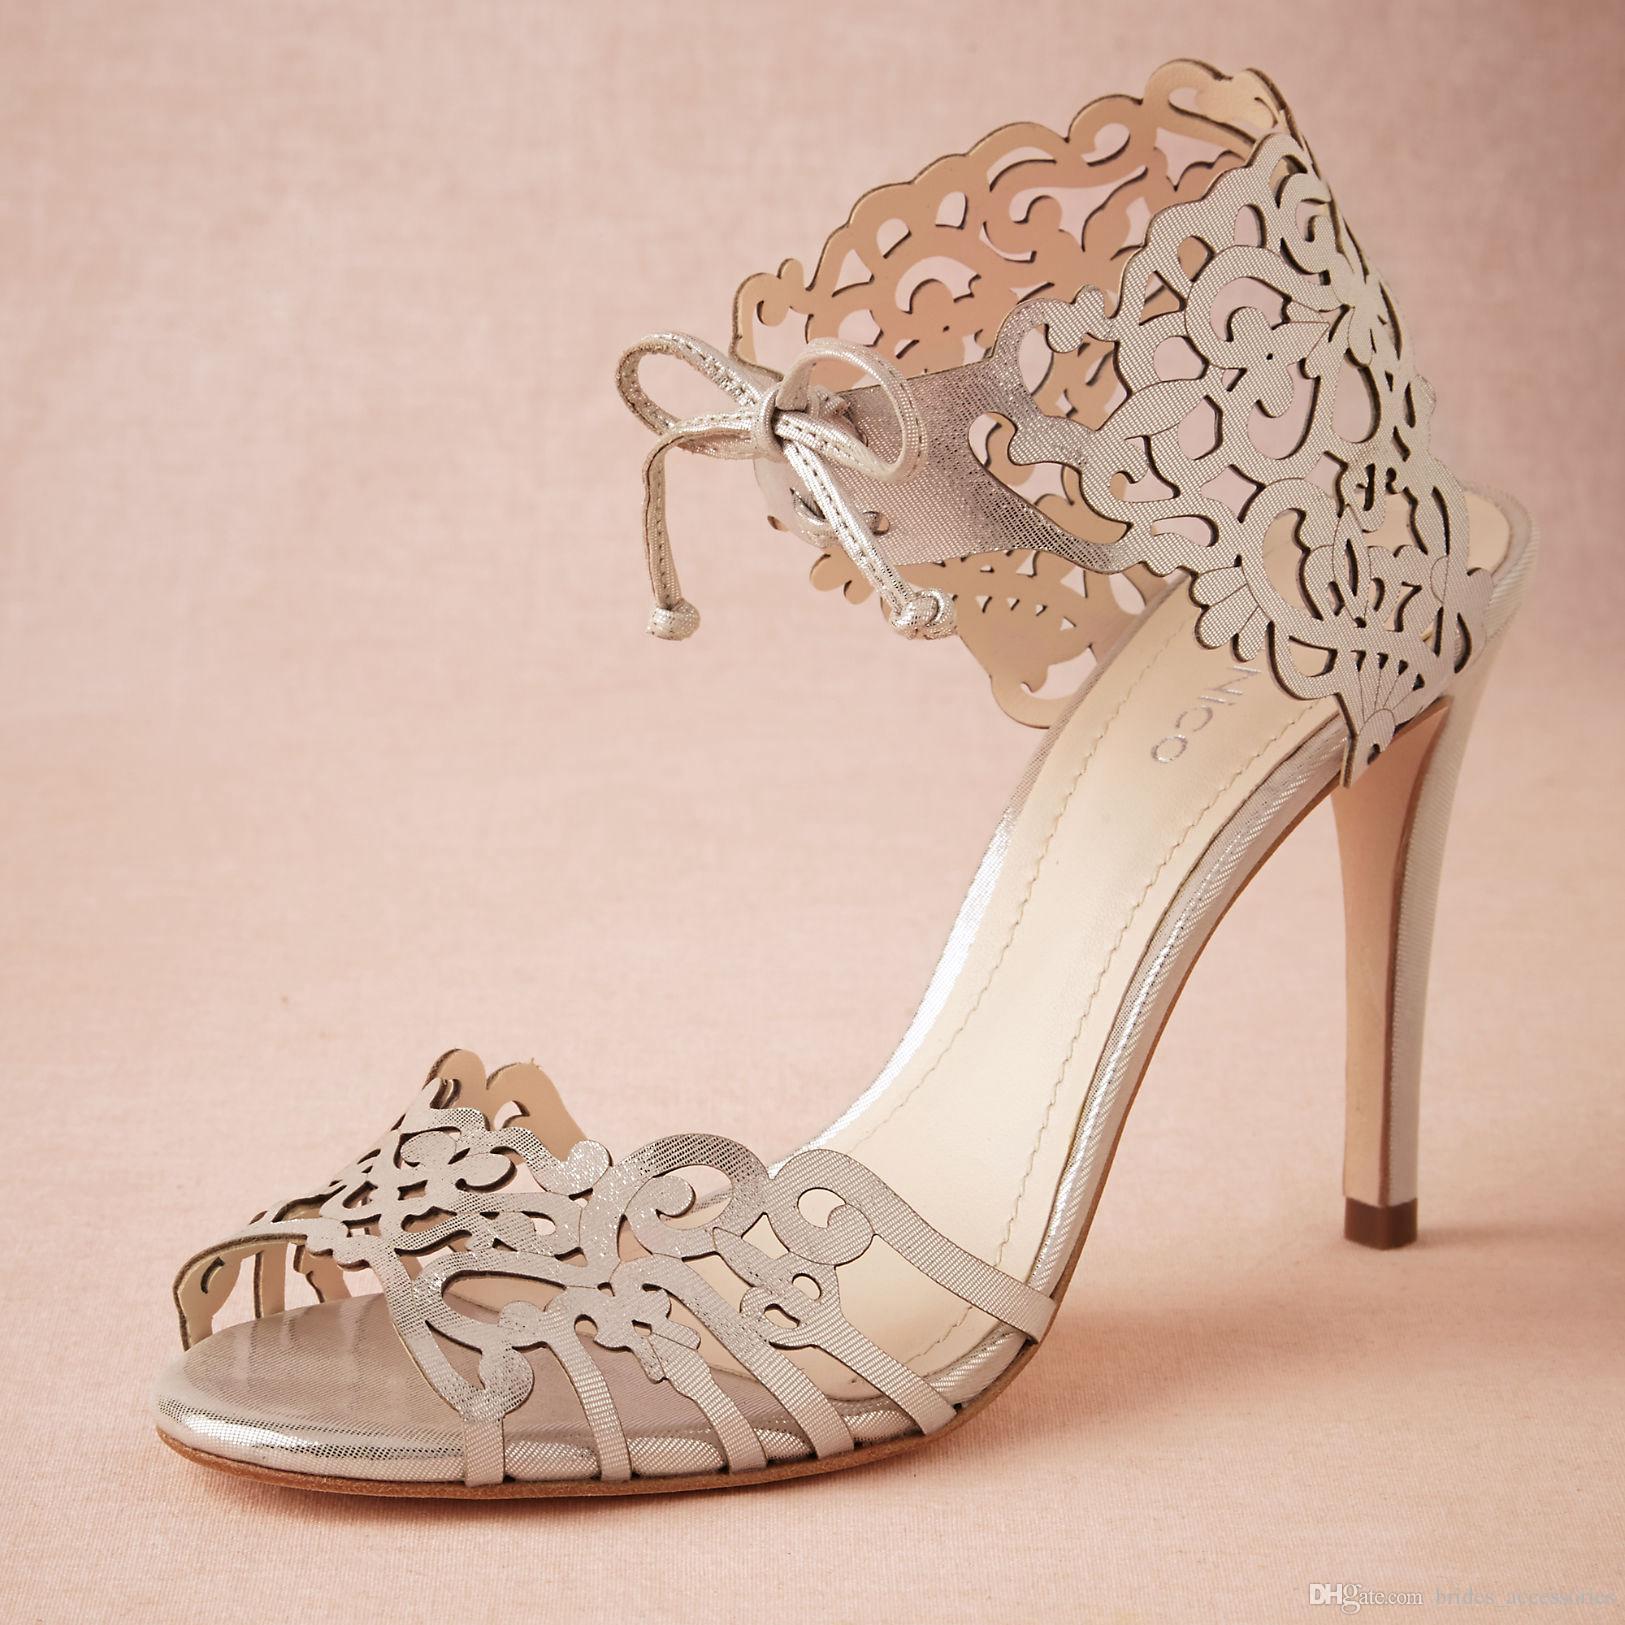 Modern Laser Cut Wedding Shoes Heels Custom Pumps Tie Closure